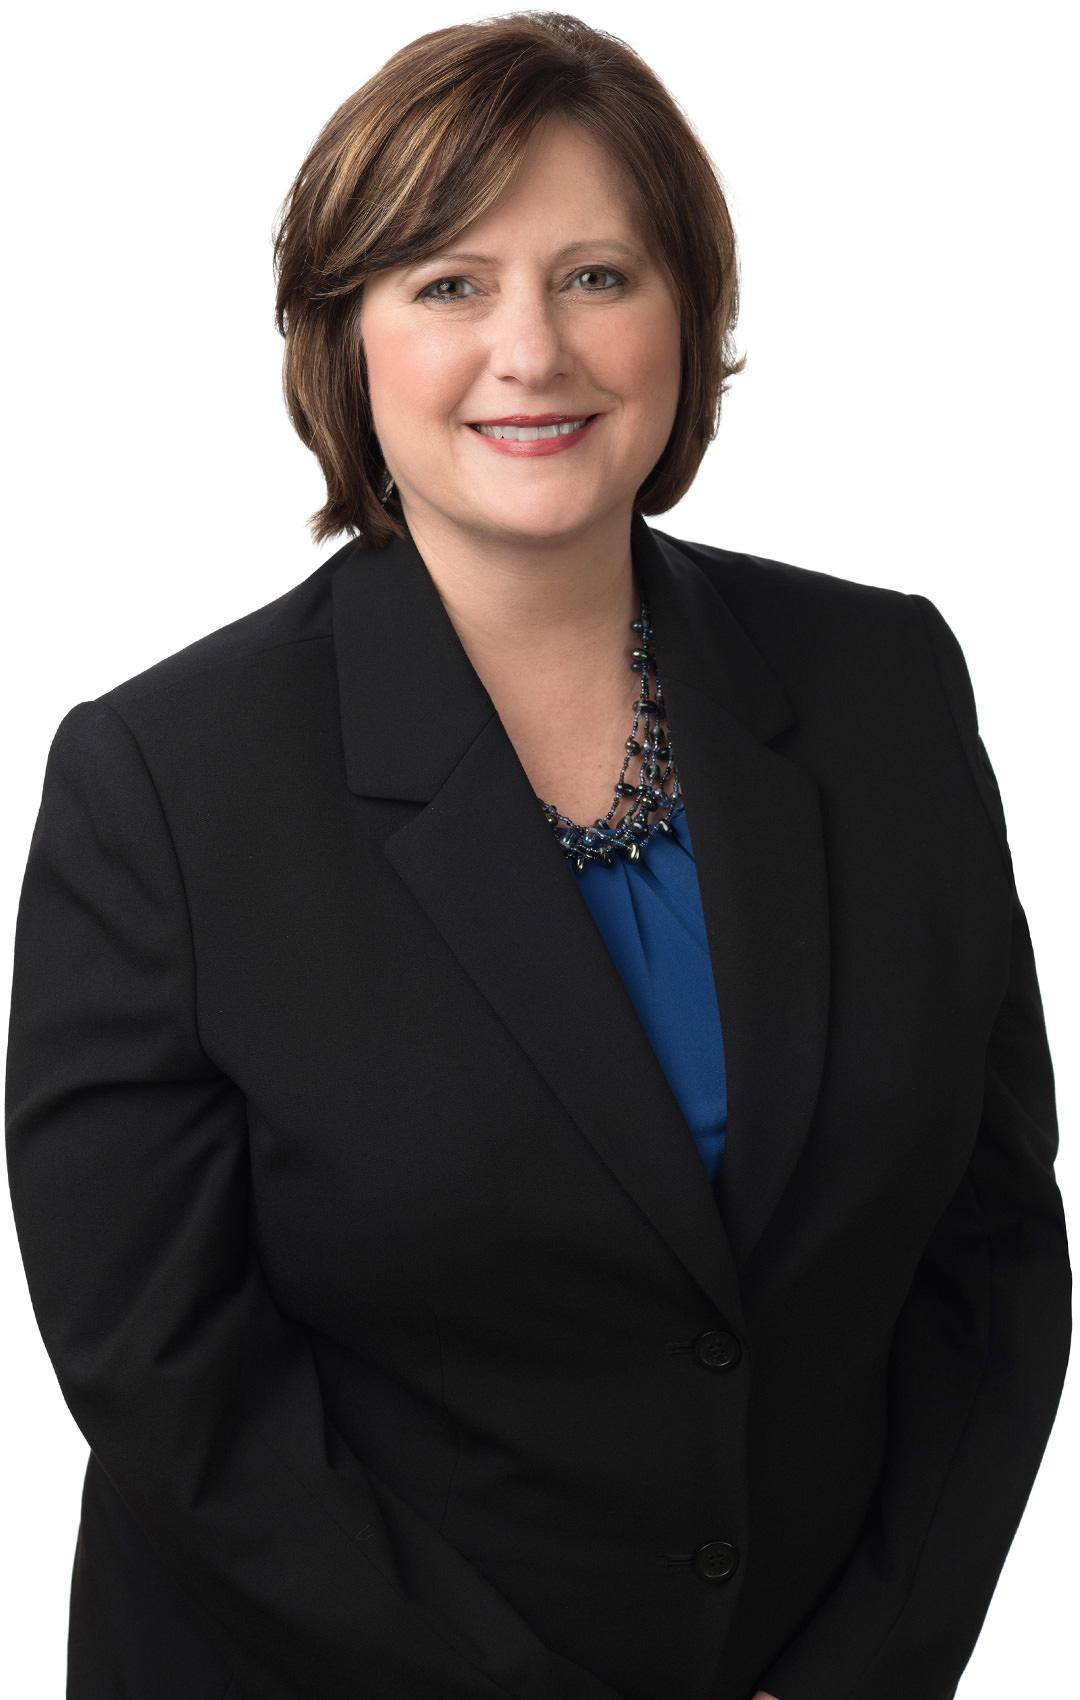 Cheryl V. Shaw